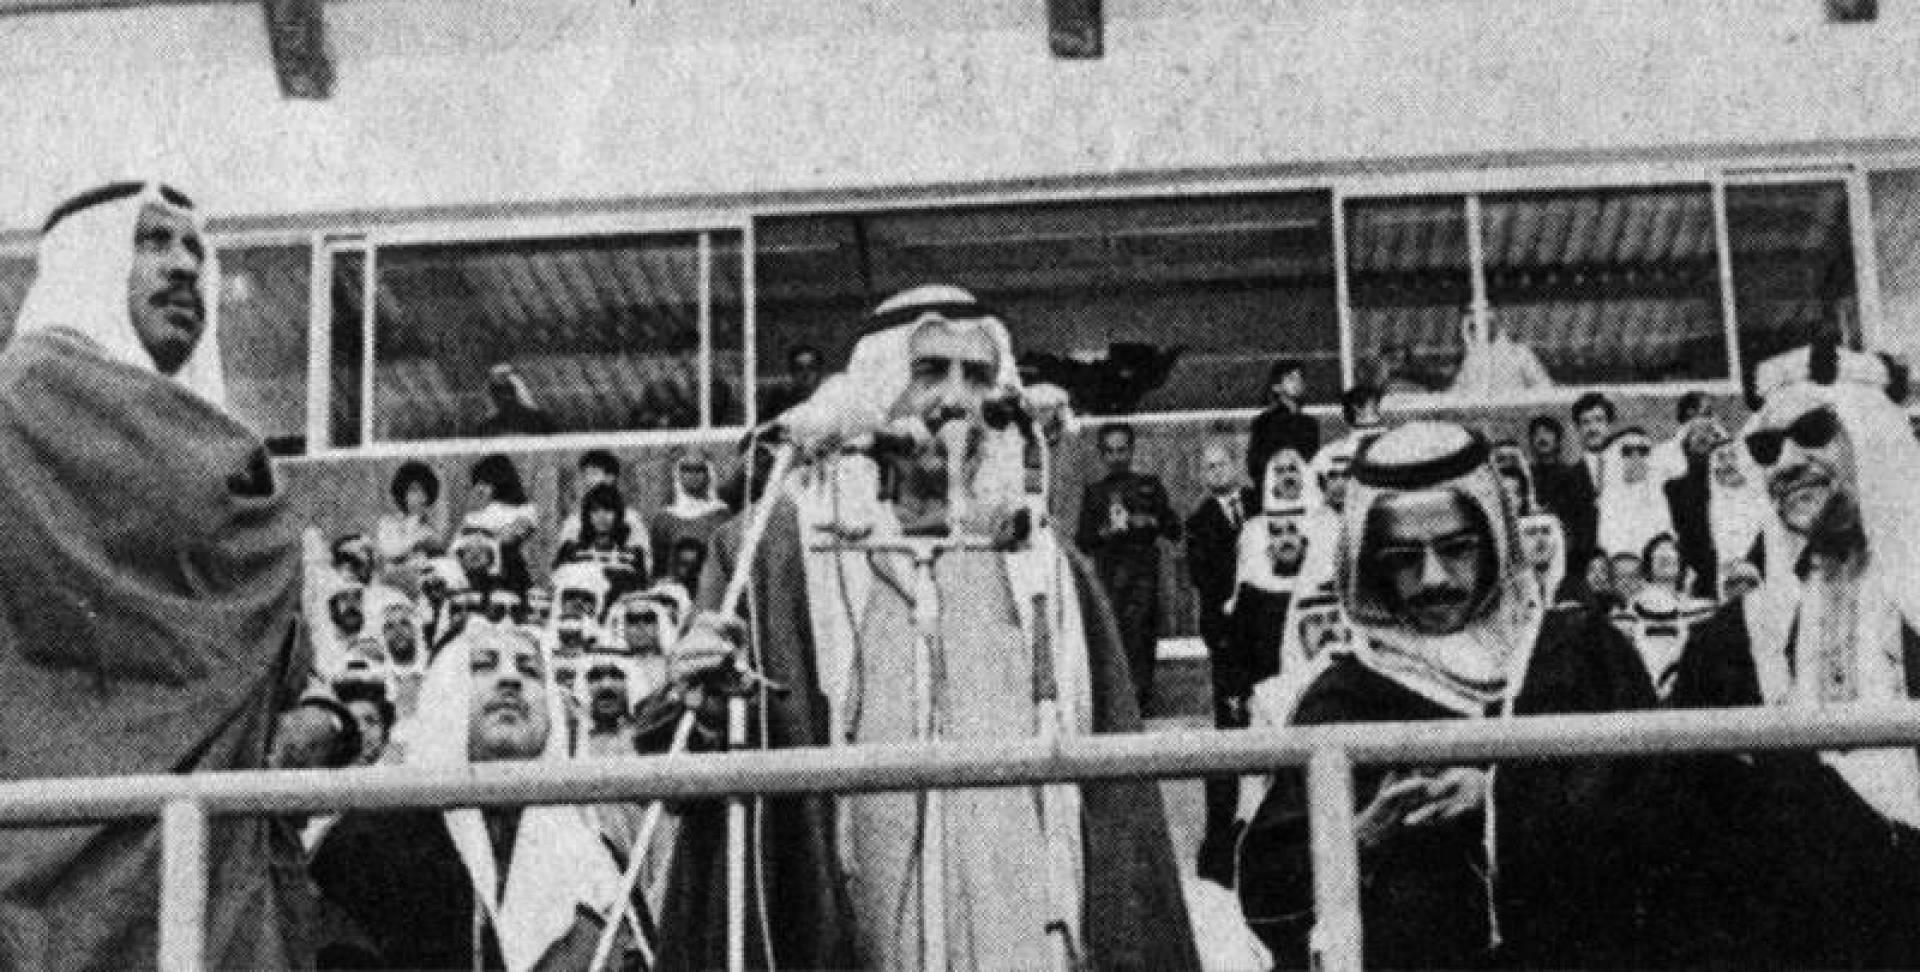 صاحب السمو أمير البلاد يعلن افتتاح الدورة بالنطق السامي.. أرشيفية